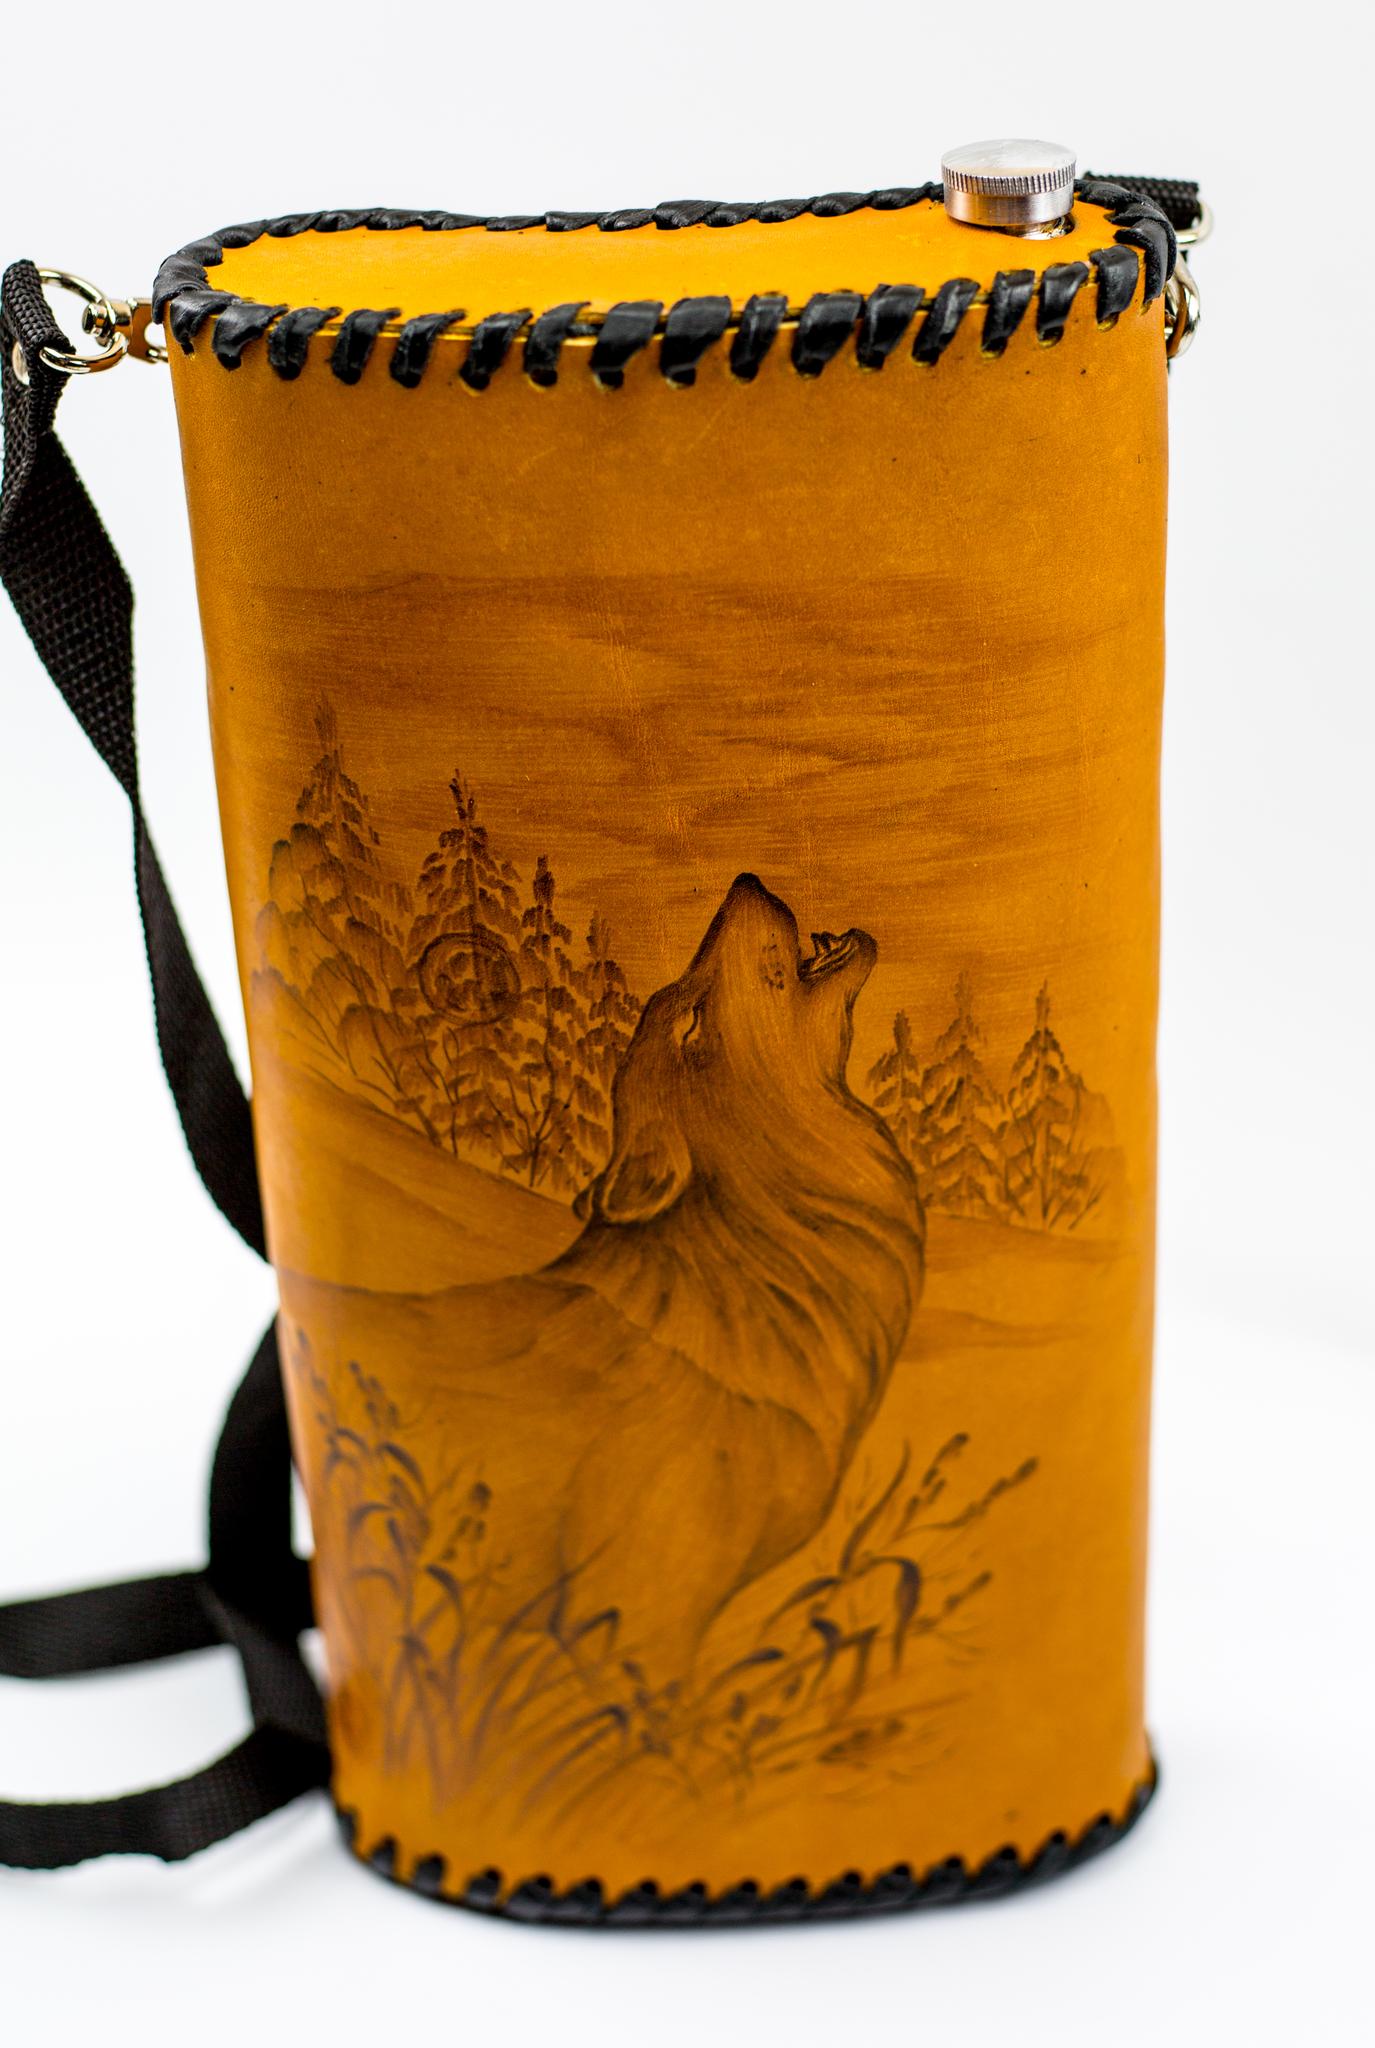 Фляга «Волк», чехол натуральная кожа с художественным выжиганием, 2 л фляга c оленем натуральная кожа 900 мл